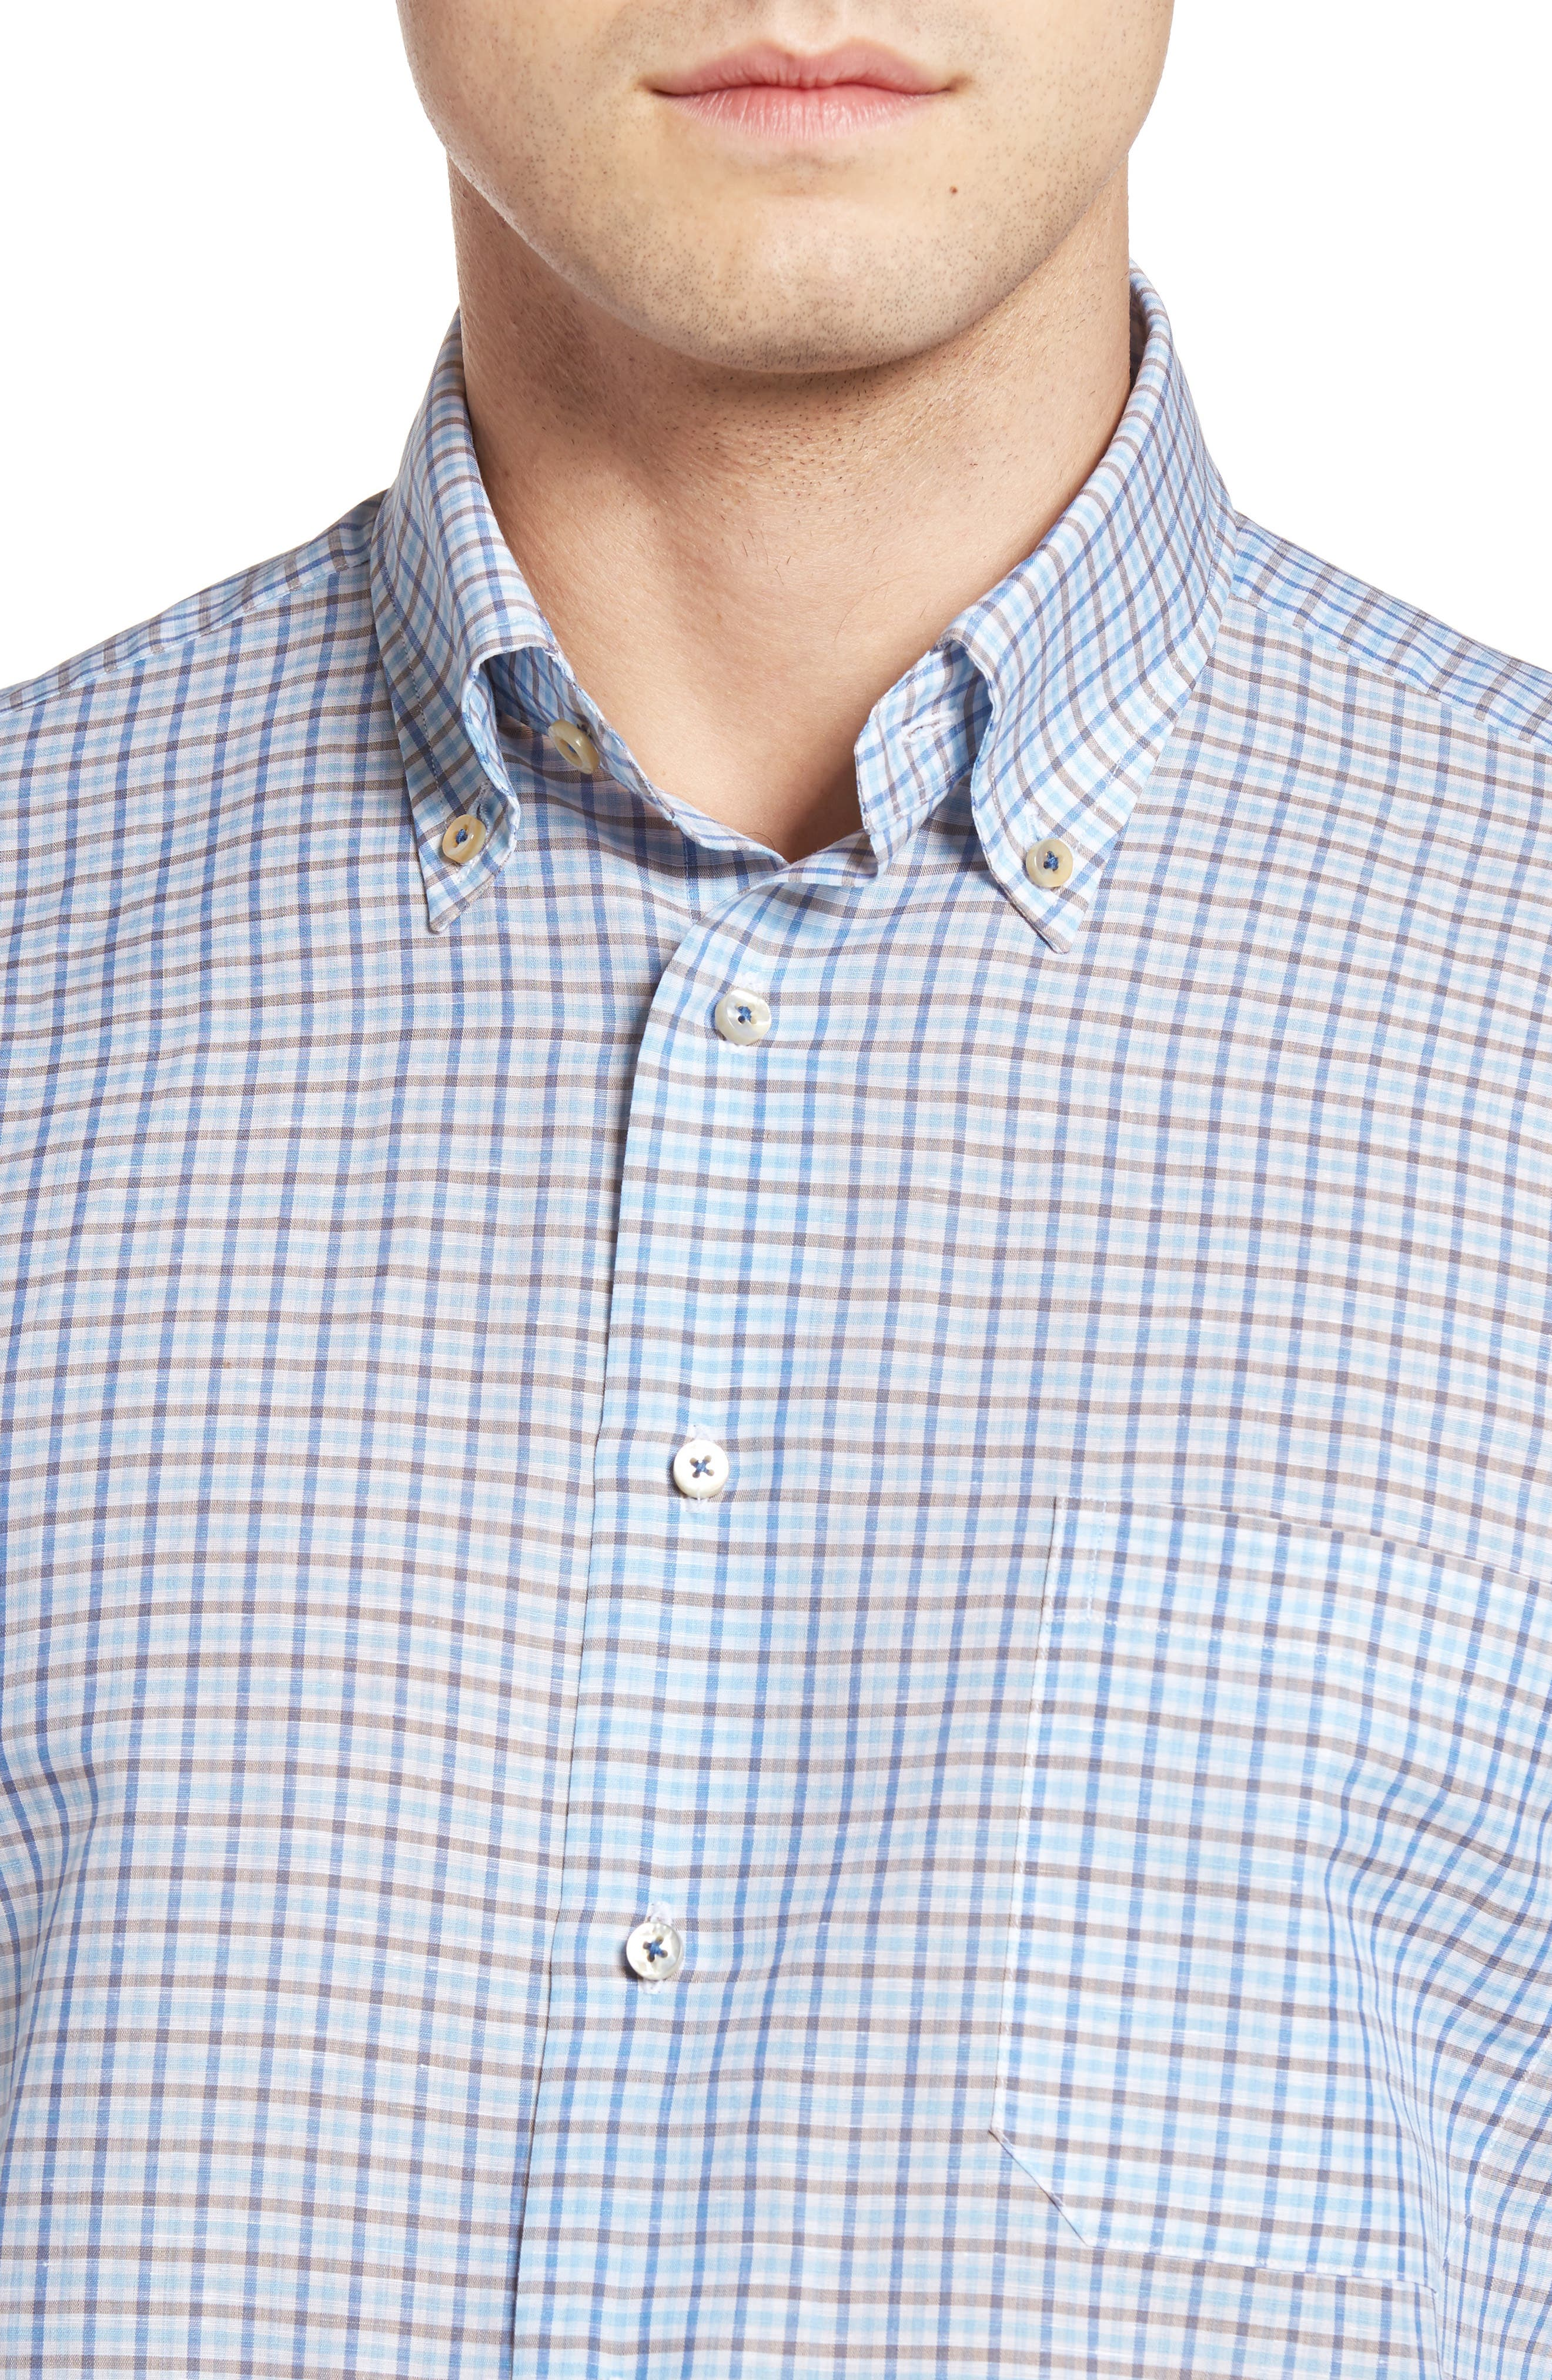 Estate Classic Fit Sport Shirt,                             Alternate thumbnail 4, color,                             248